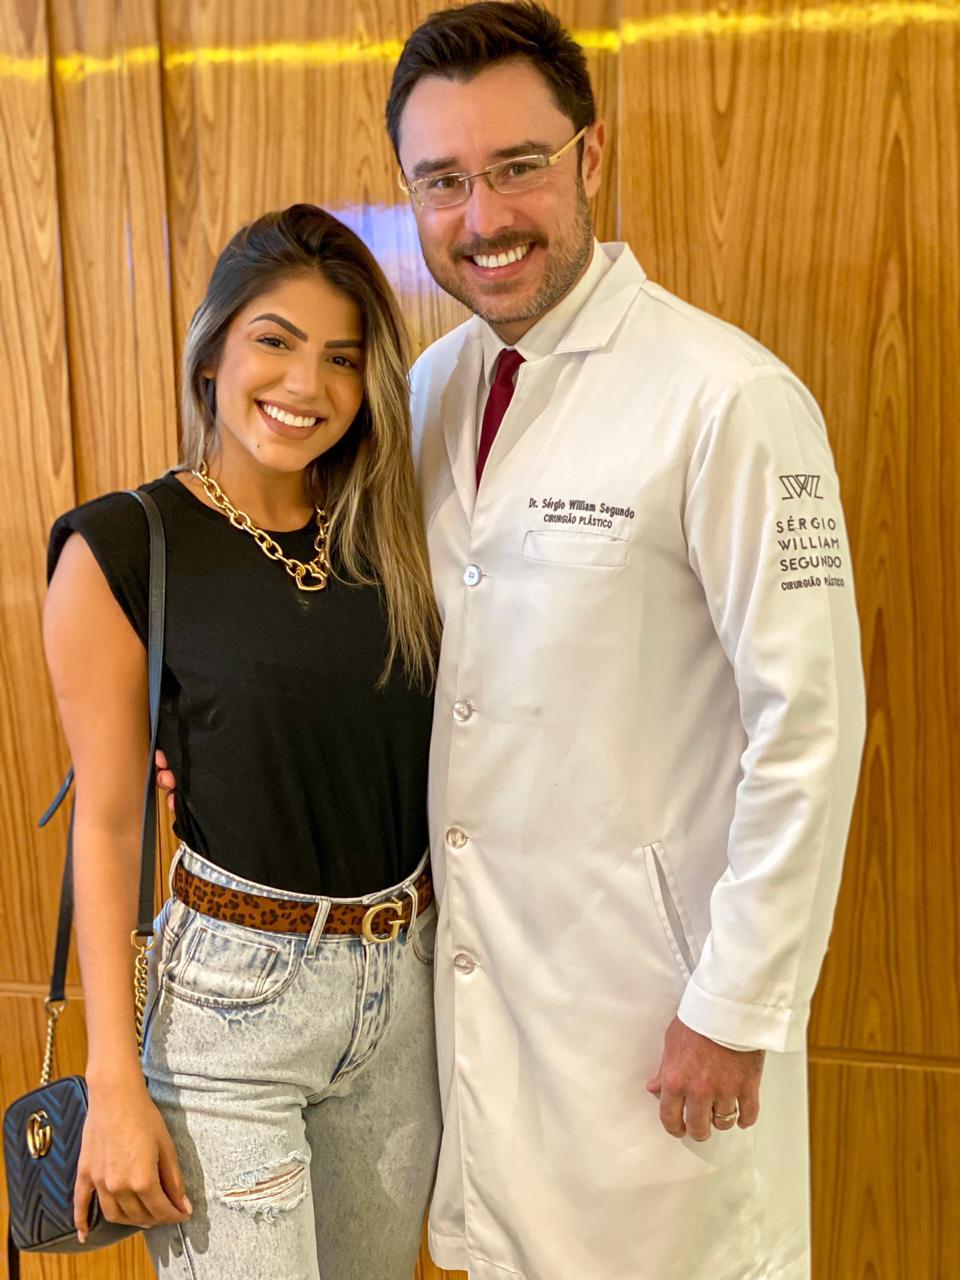 Hariany Almeida ao lado do Dr. Sérgio William Segundo